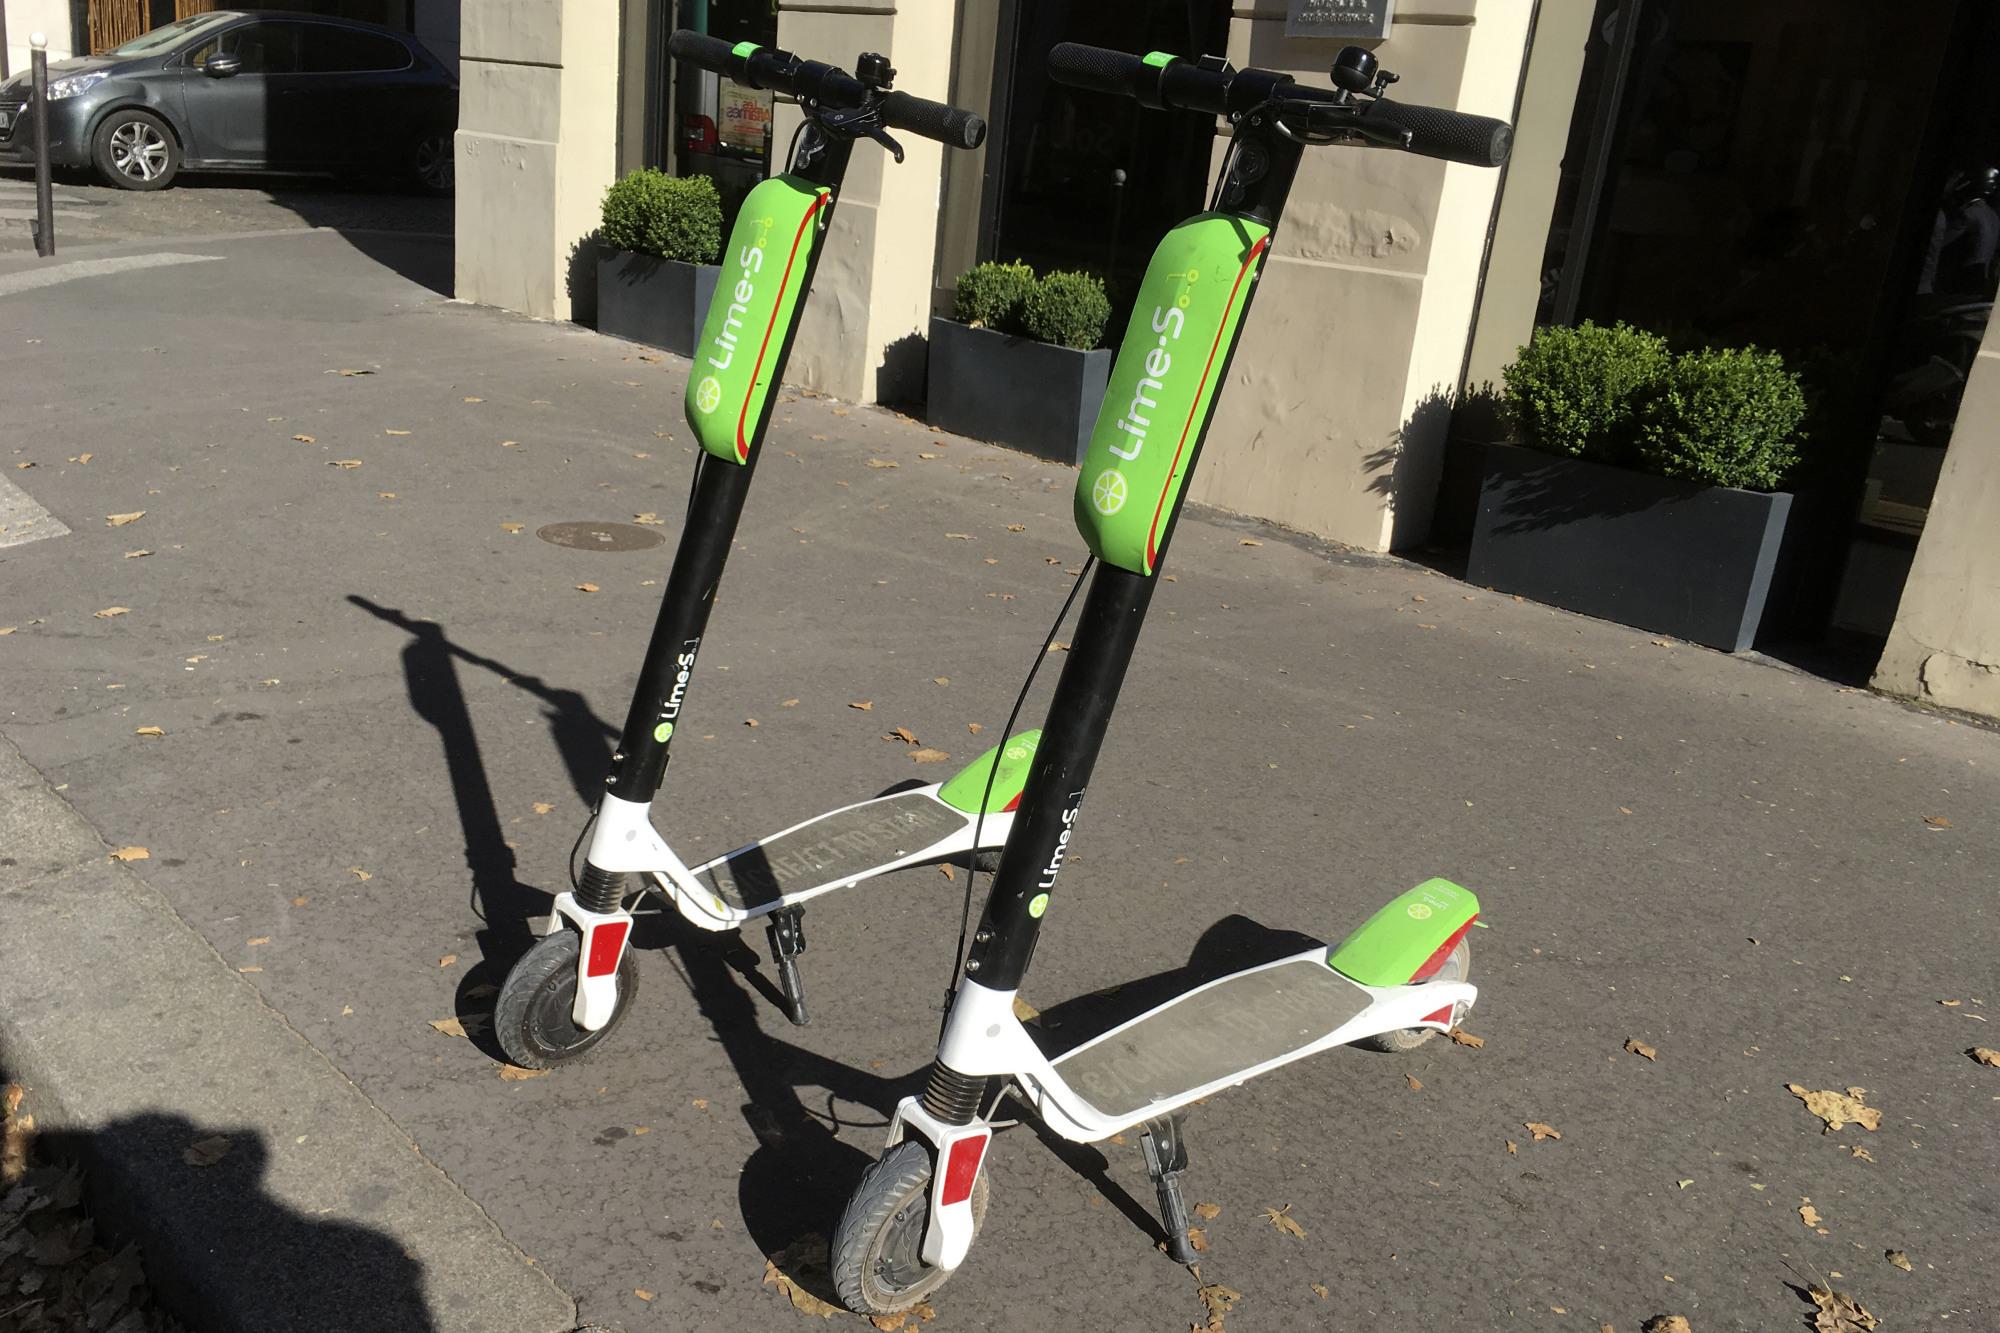 Eldrevne løbehjul er snart på gaden: - Det har et potentiale